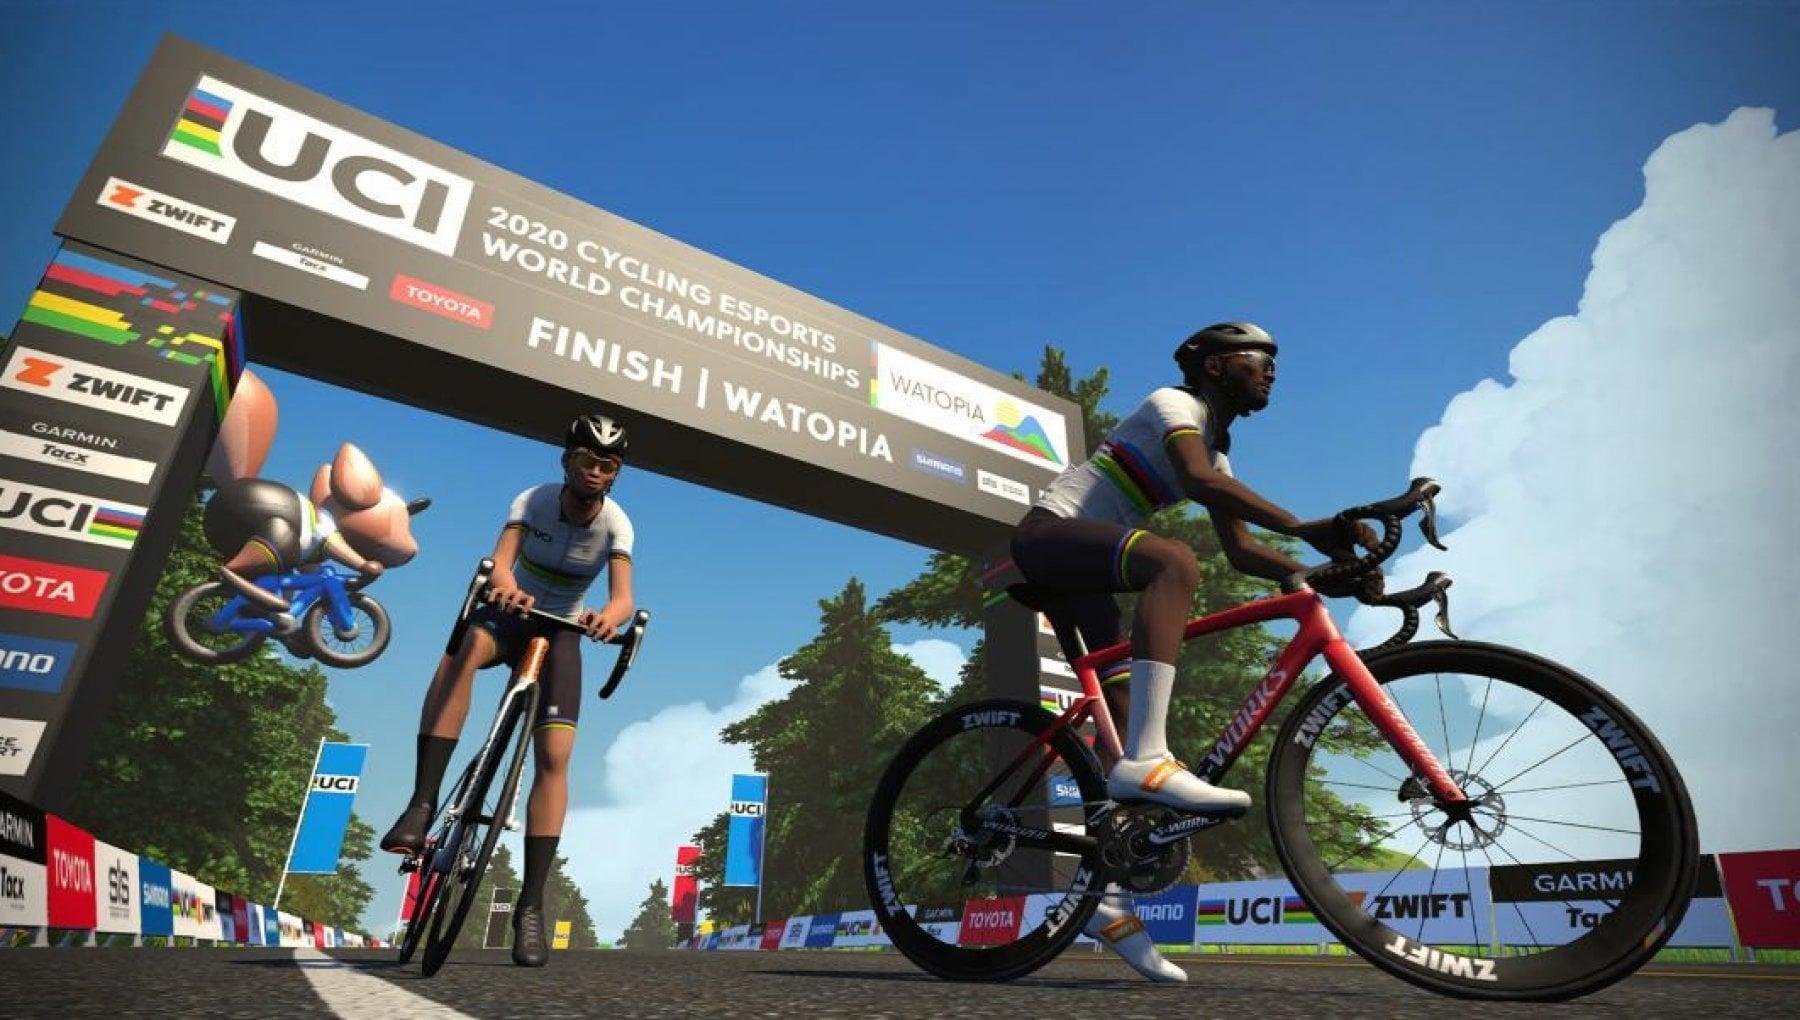 Ciclismo il Mondiale virtuale con corridori reali